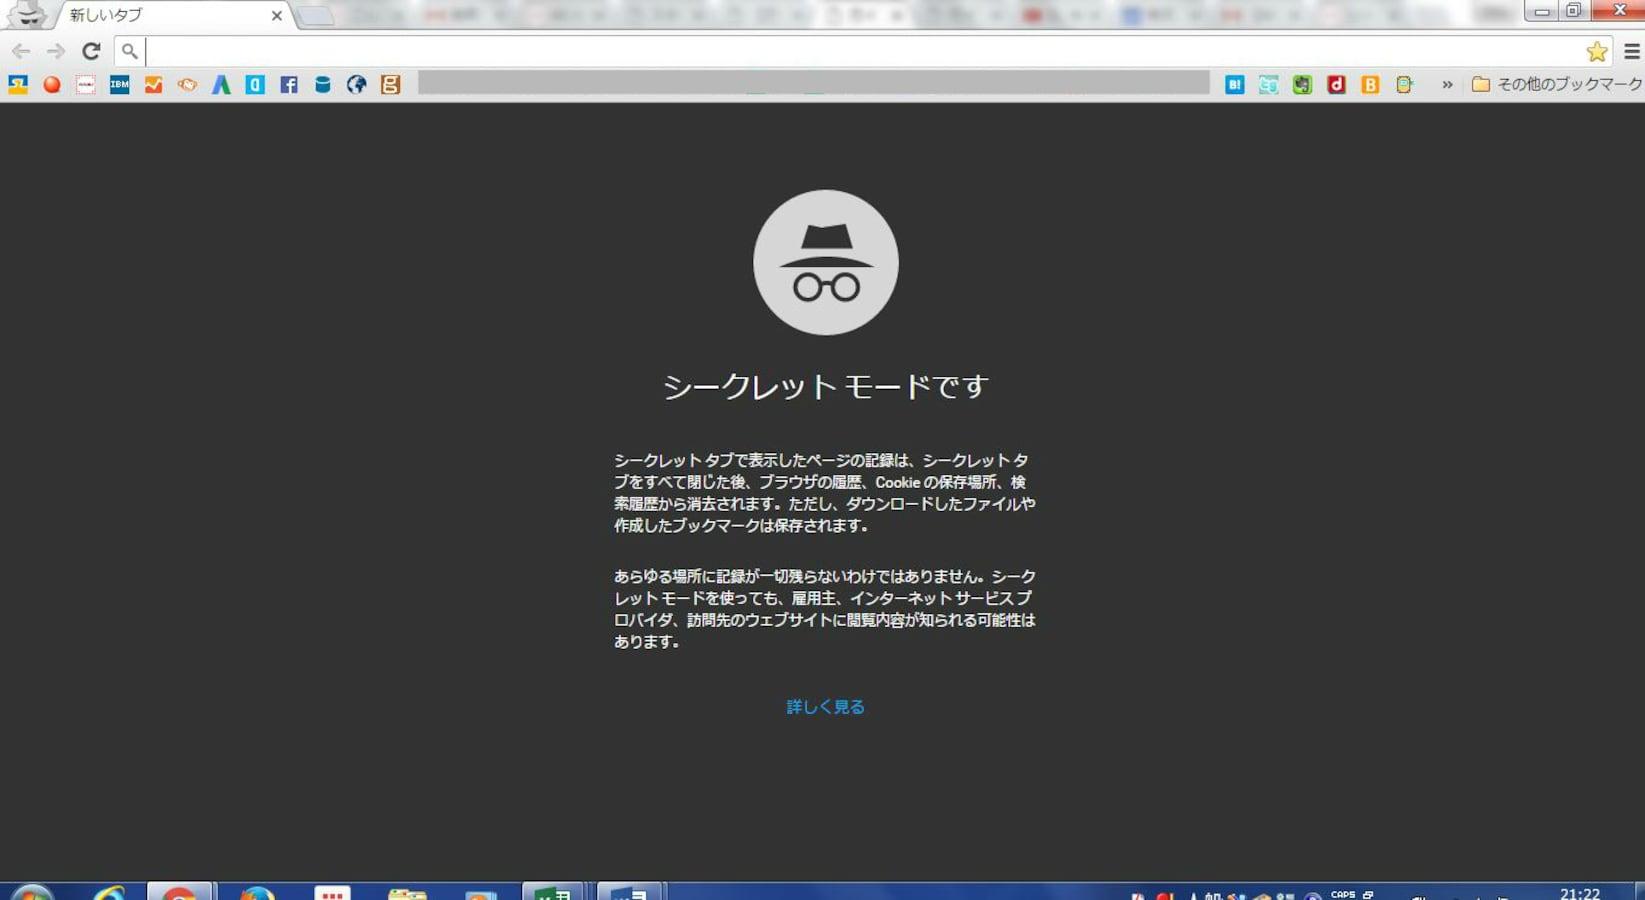 「シークレットウインドウ グーグル」の画像検索結果